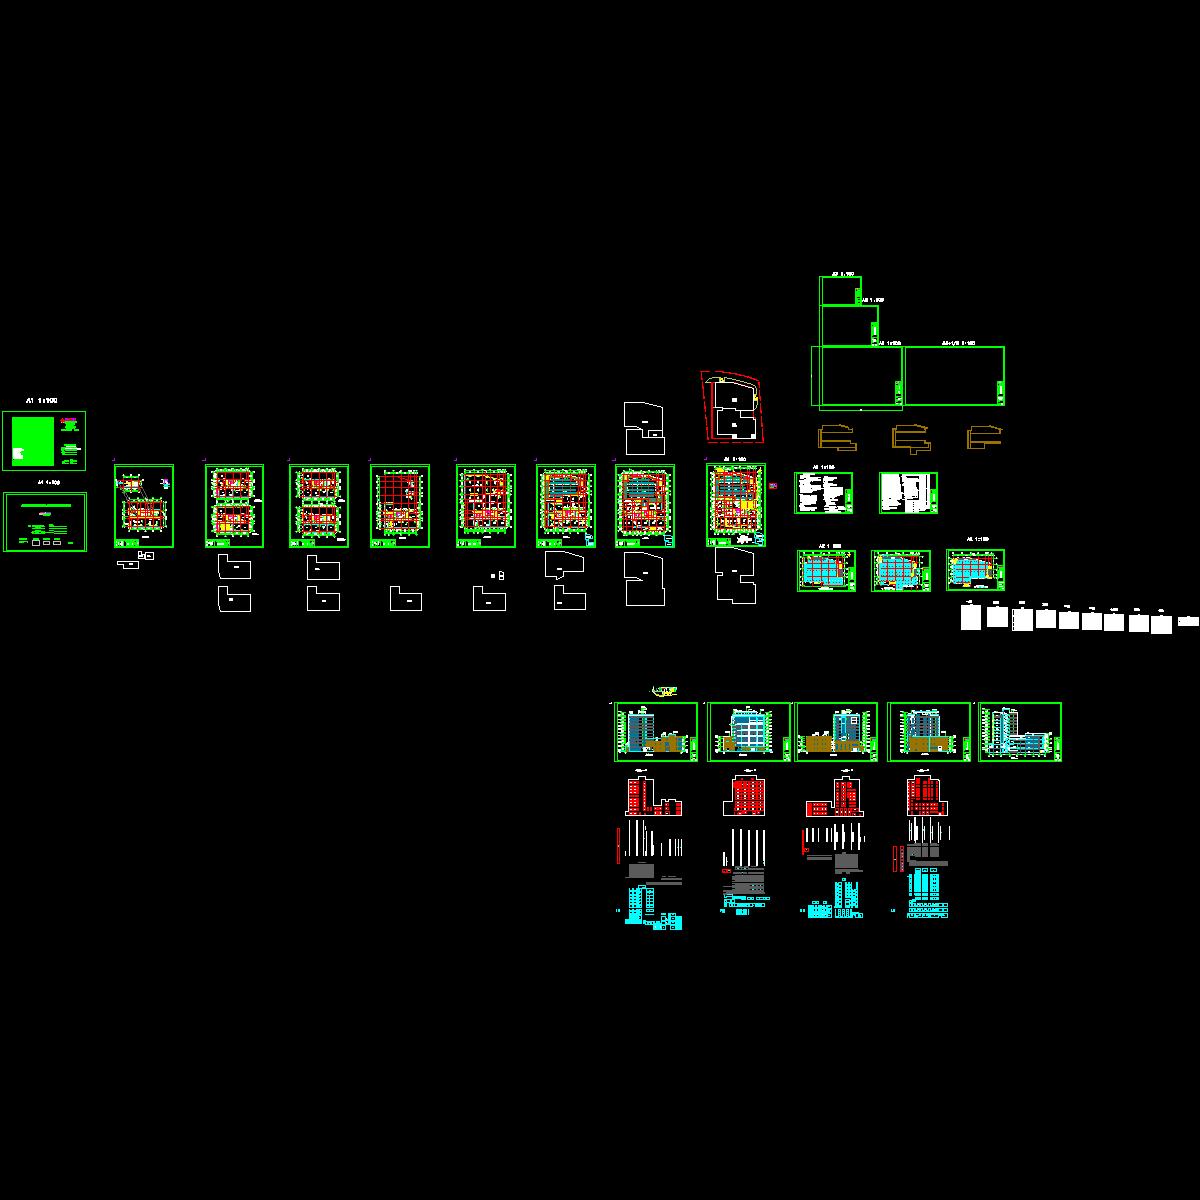 施工平面-立面(层高3.3)_t3.dwg